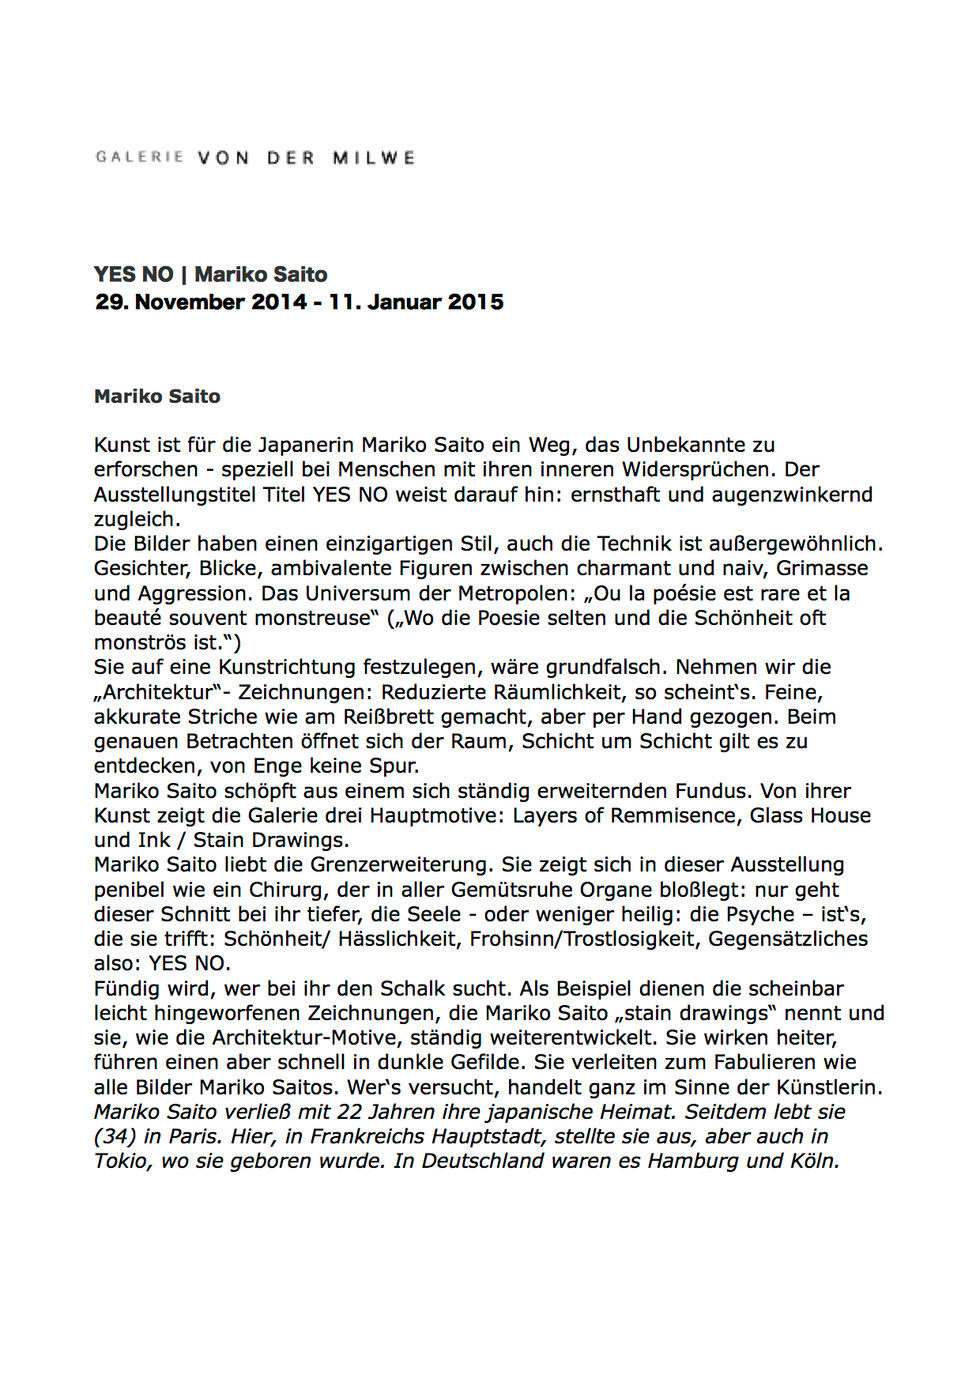 text for exhibition at Galerie von der Milwe /german